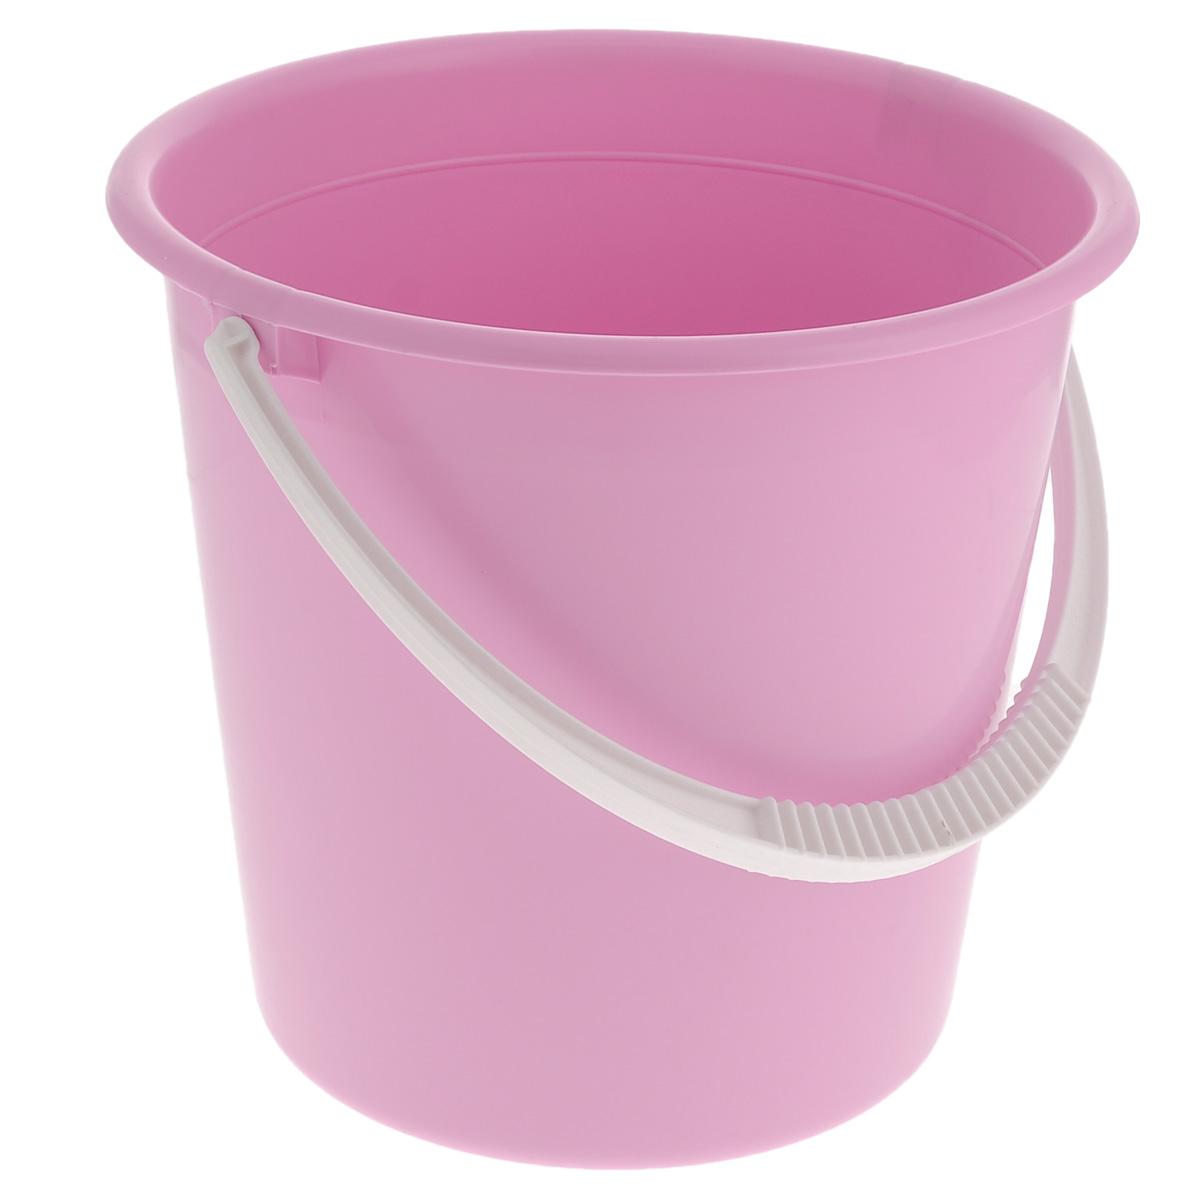 Ведро Альтернатива Крепыш, цвет: розовый, 10 лК117Ведро Альтернатива Крепыш изготовлено из высококачественного одноцветного пластика. Оно легче железного и не подвержено коррозии. Ведро оснащено удобной пластиковой ручкой. Такое ведро станет незаменимым помощником в хозяйстве. Диаметр: 28 см.Высота: 27 см.